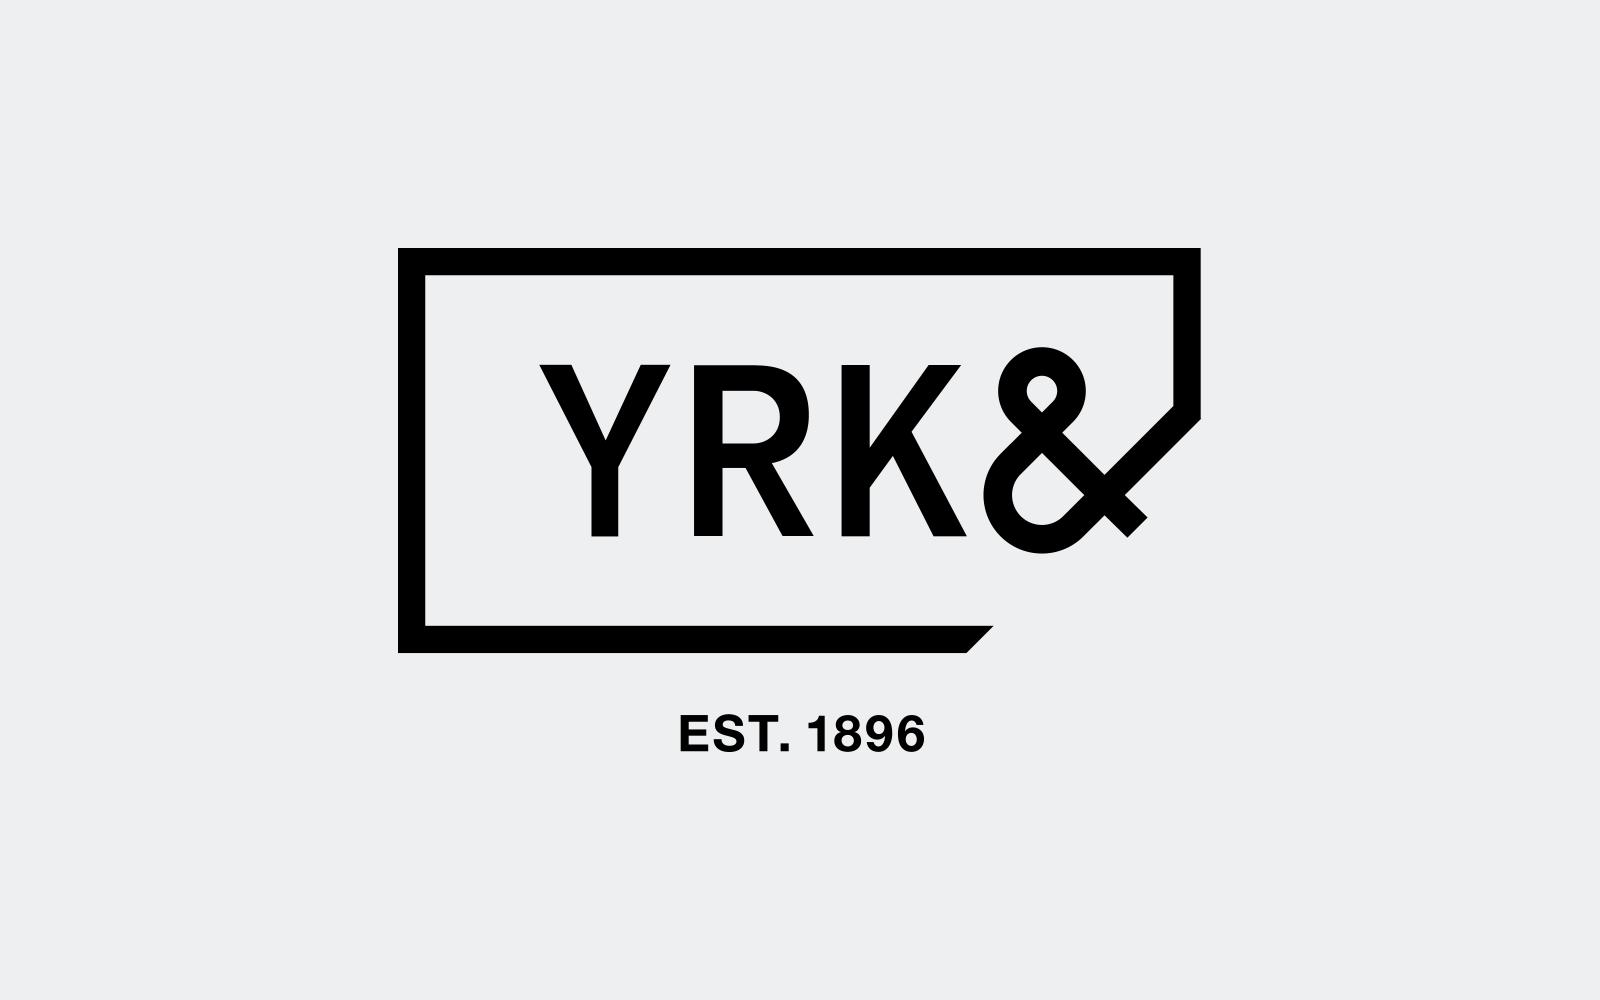 YRK&_logo_1896